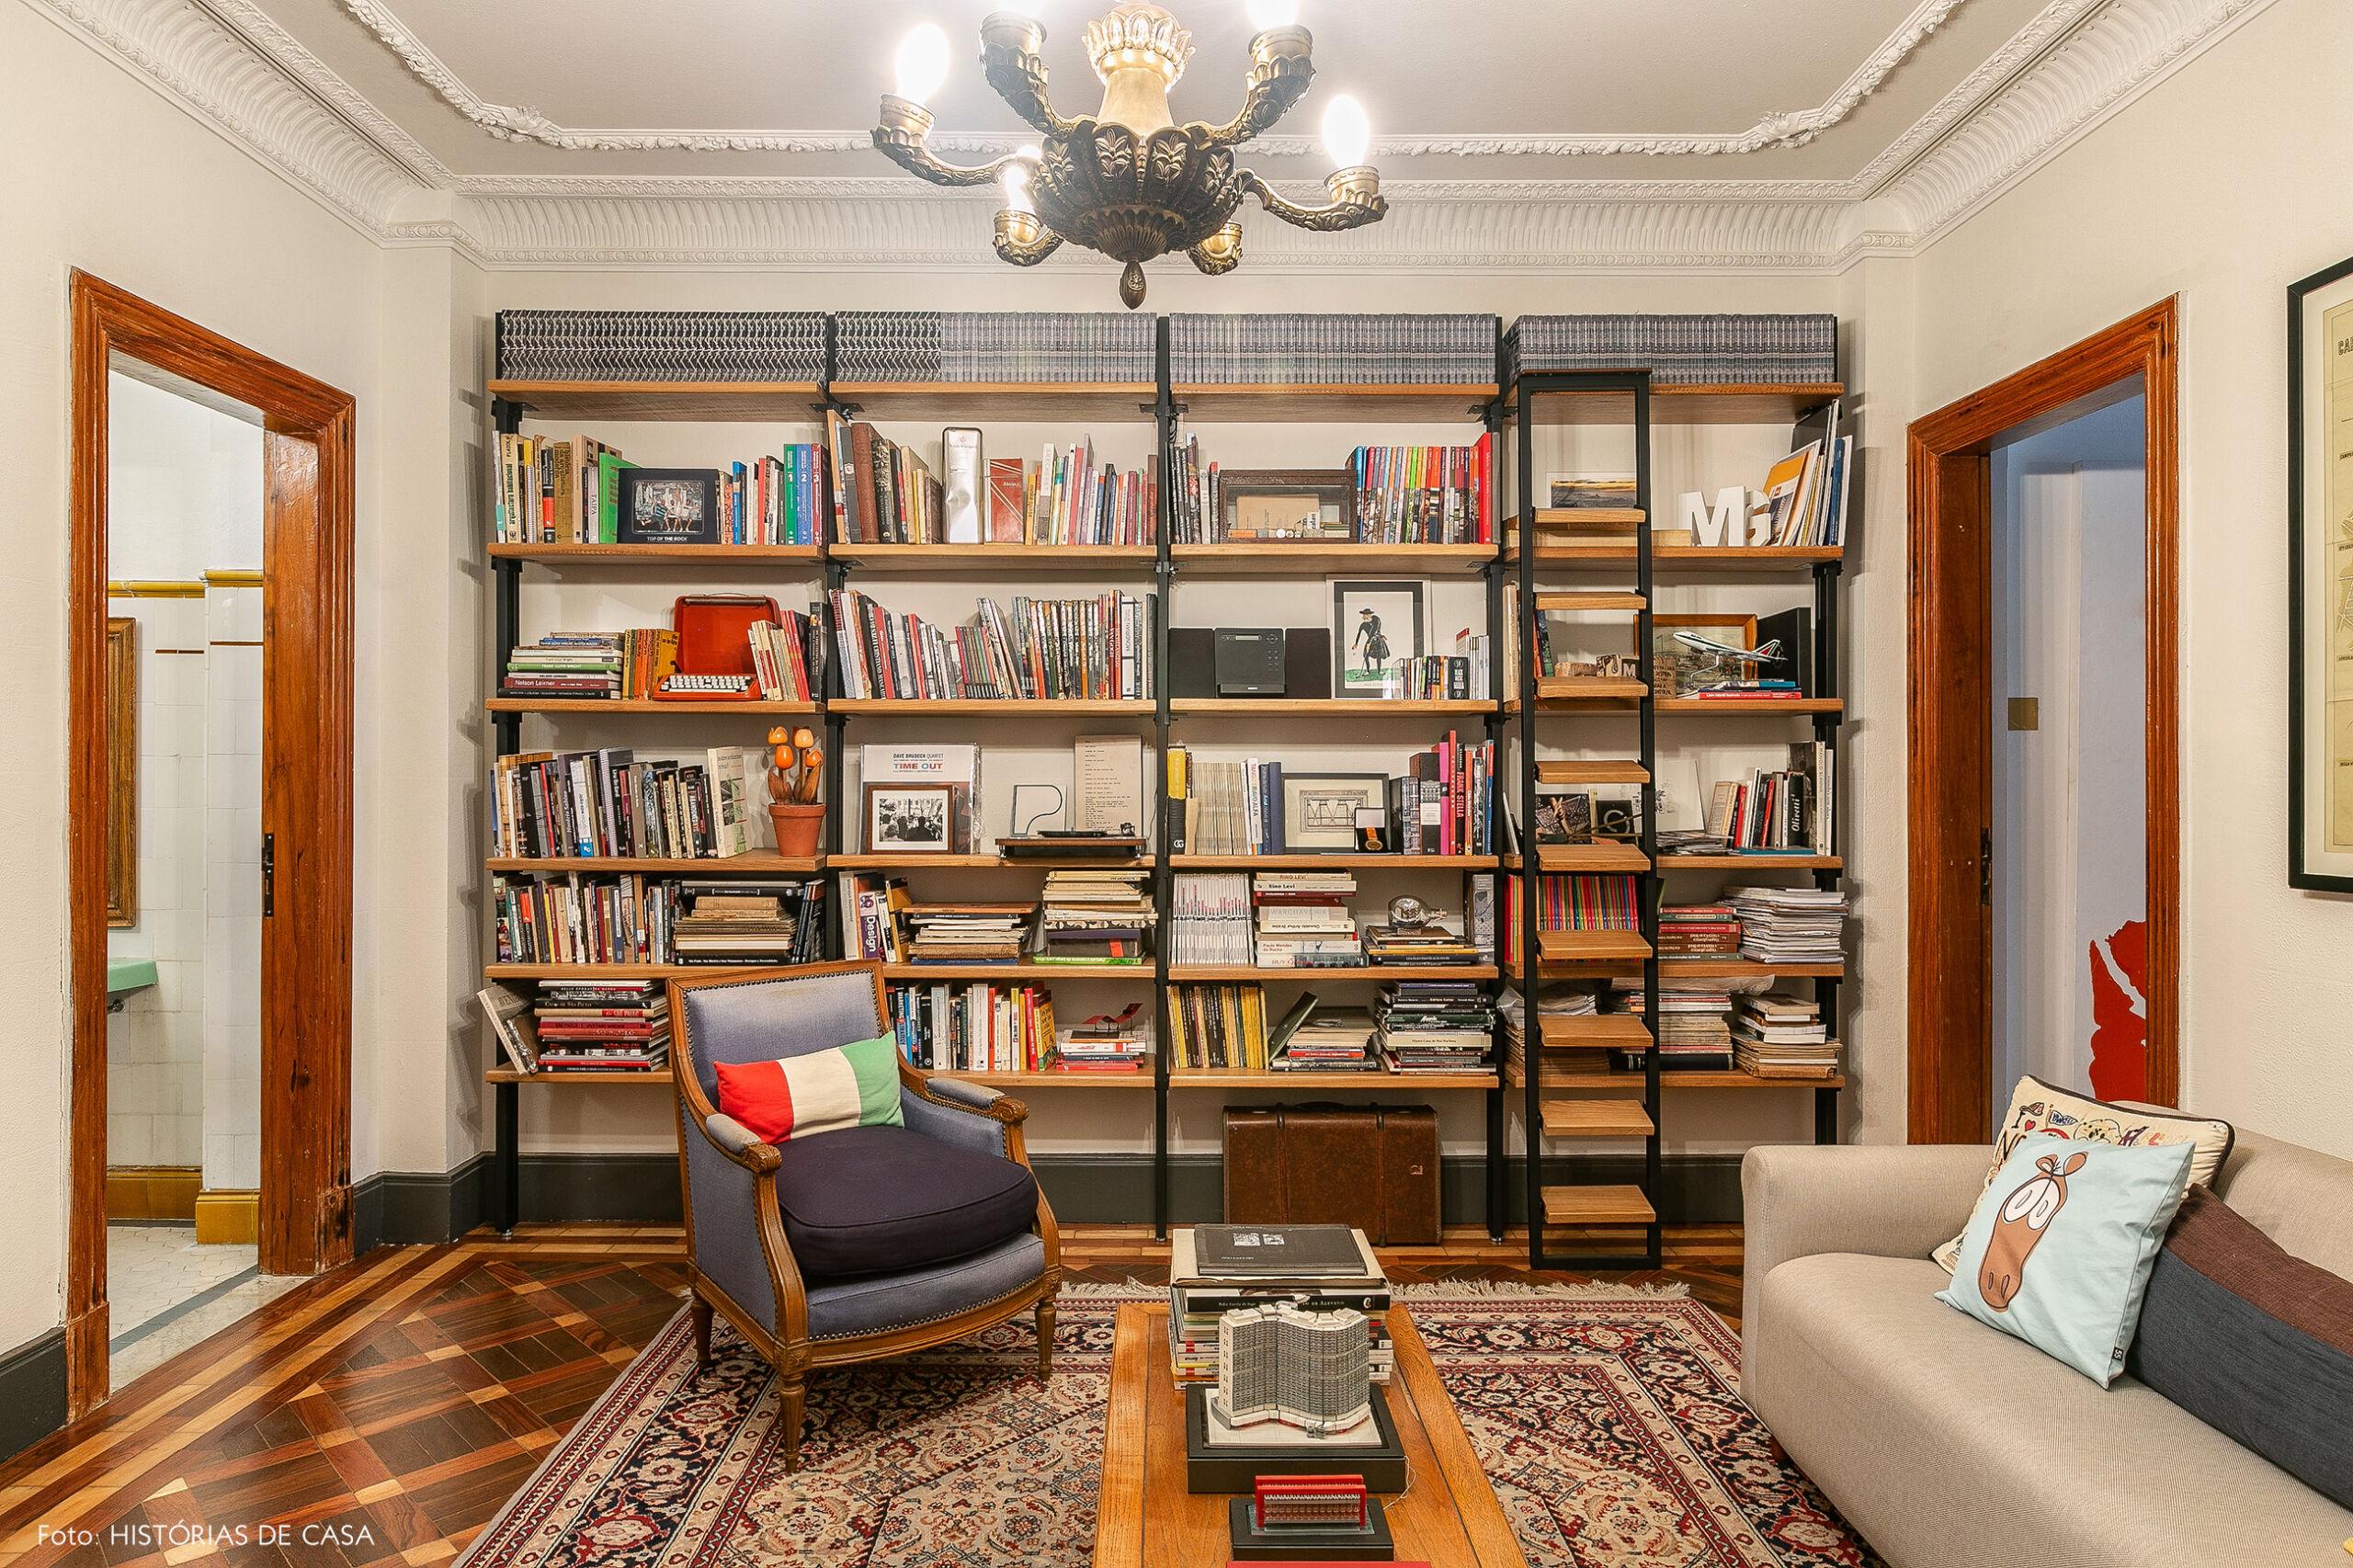 Escritório comercial e decoração feita com móveis antigos garimpados